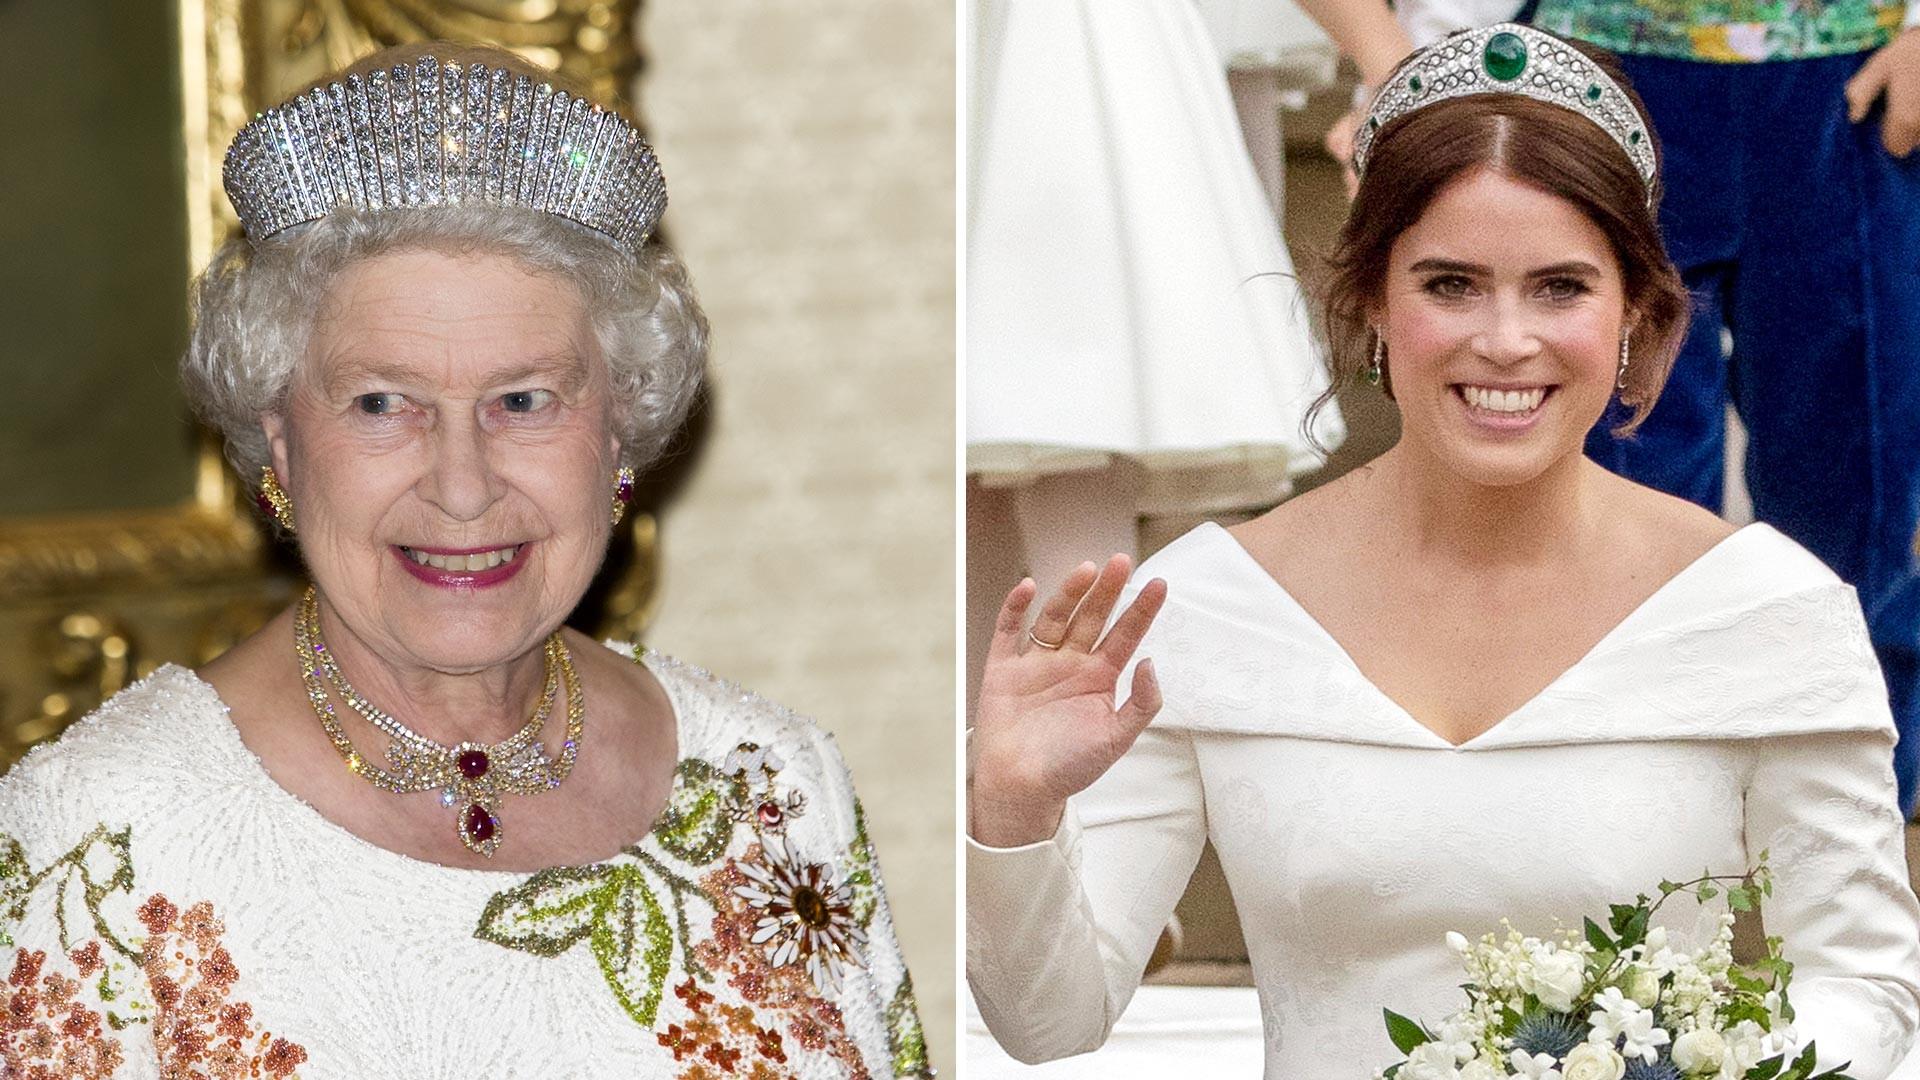 Королева Елизавета II во время визита в Турцию в 2008 и ее внучка принцесса Евгения на собственной свадьбе в 2018.